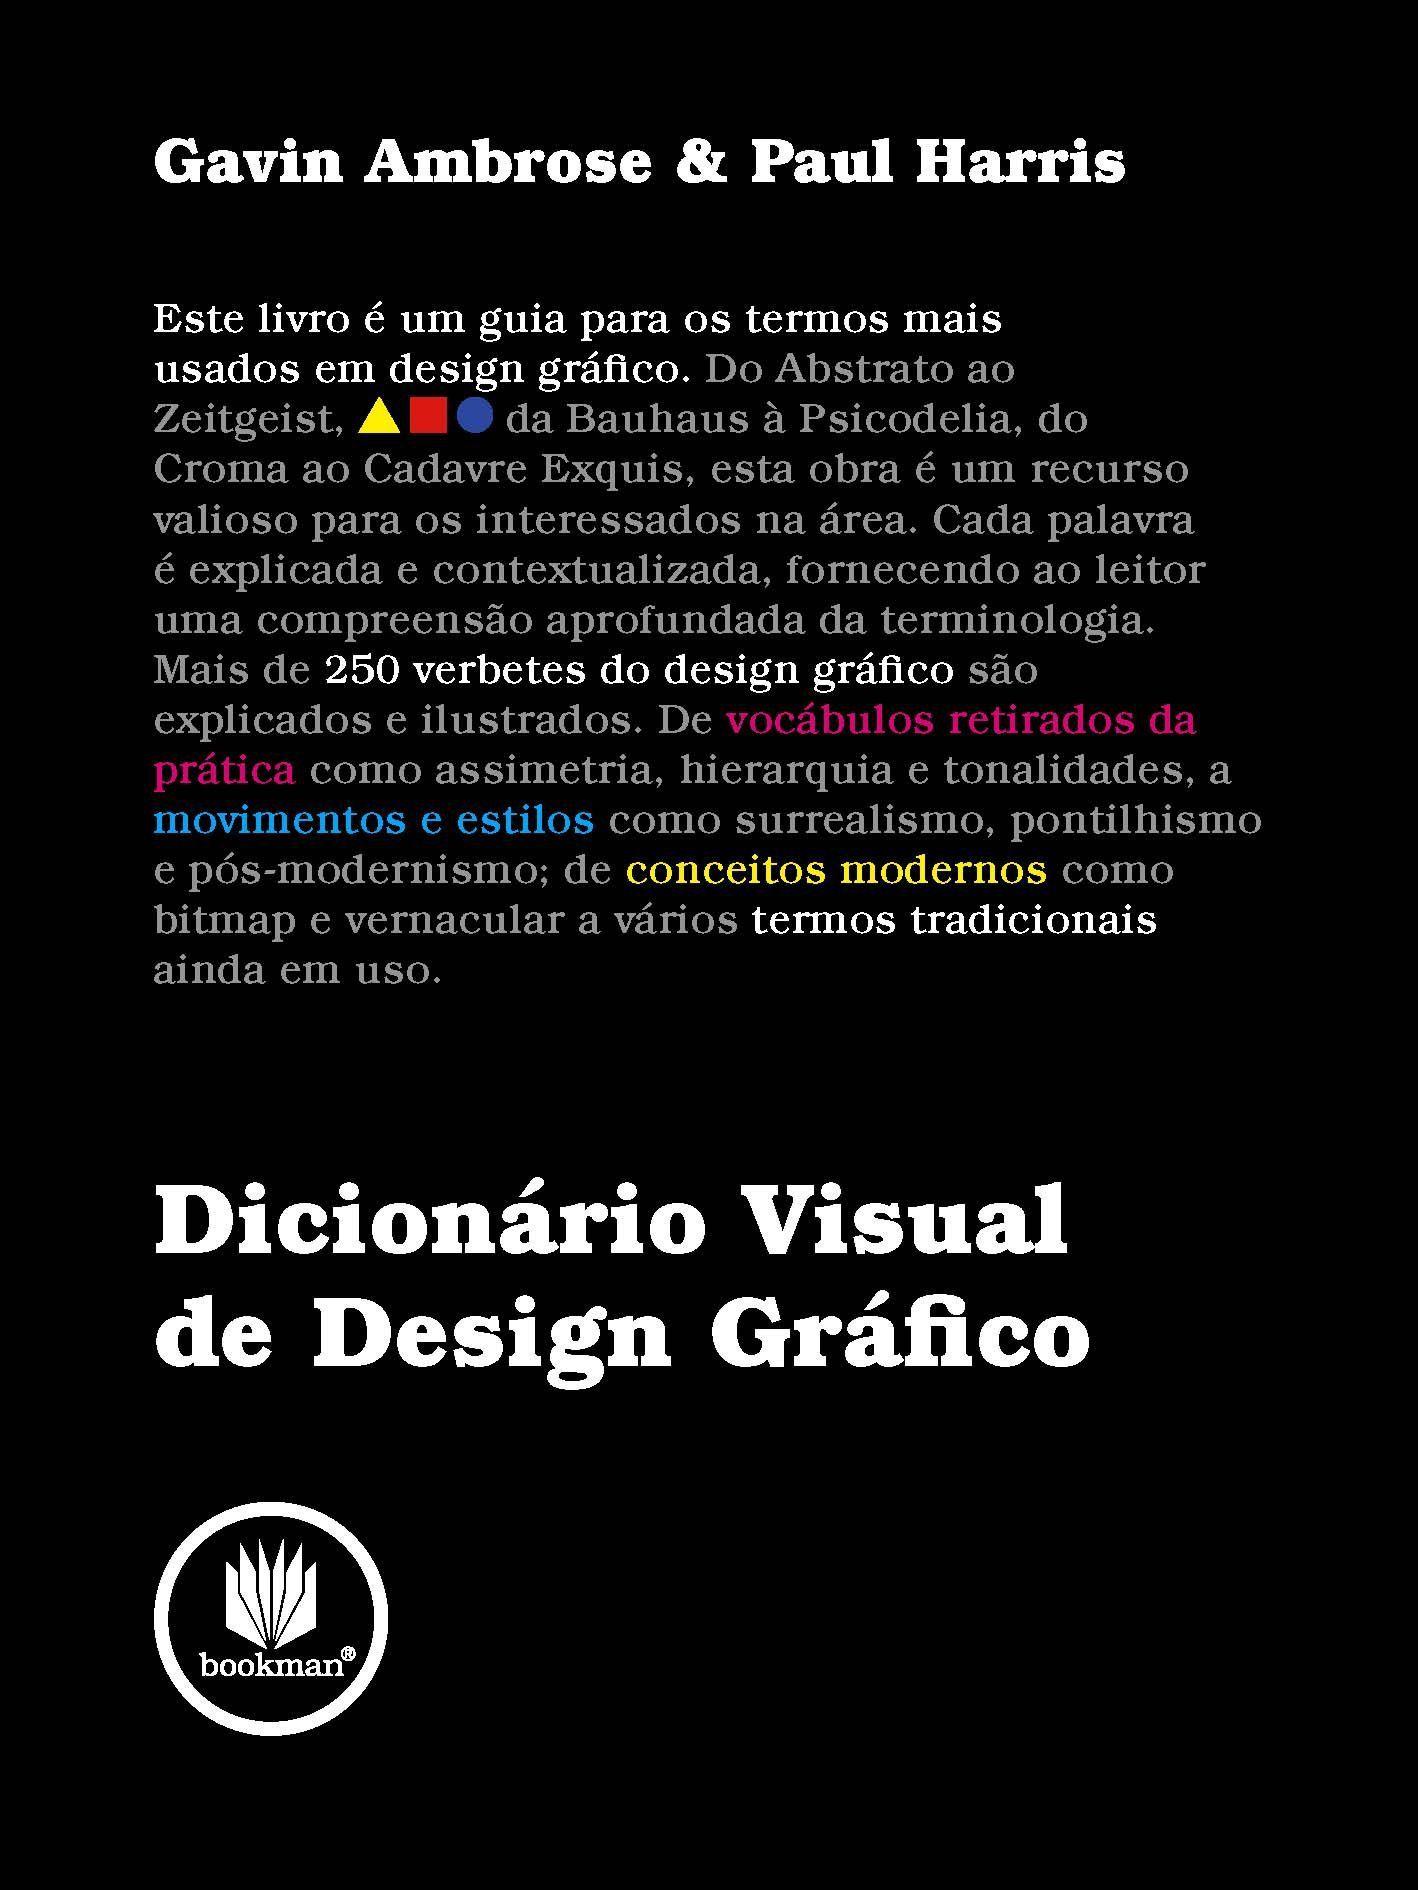 Dicionário Visual de Design Gráfico